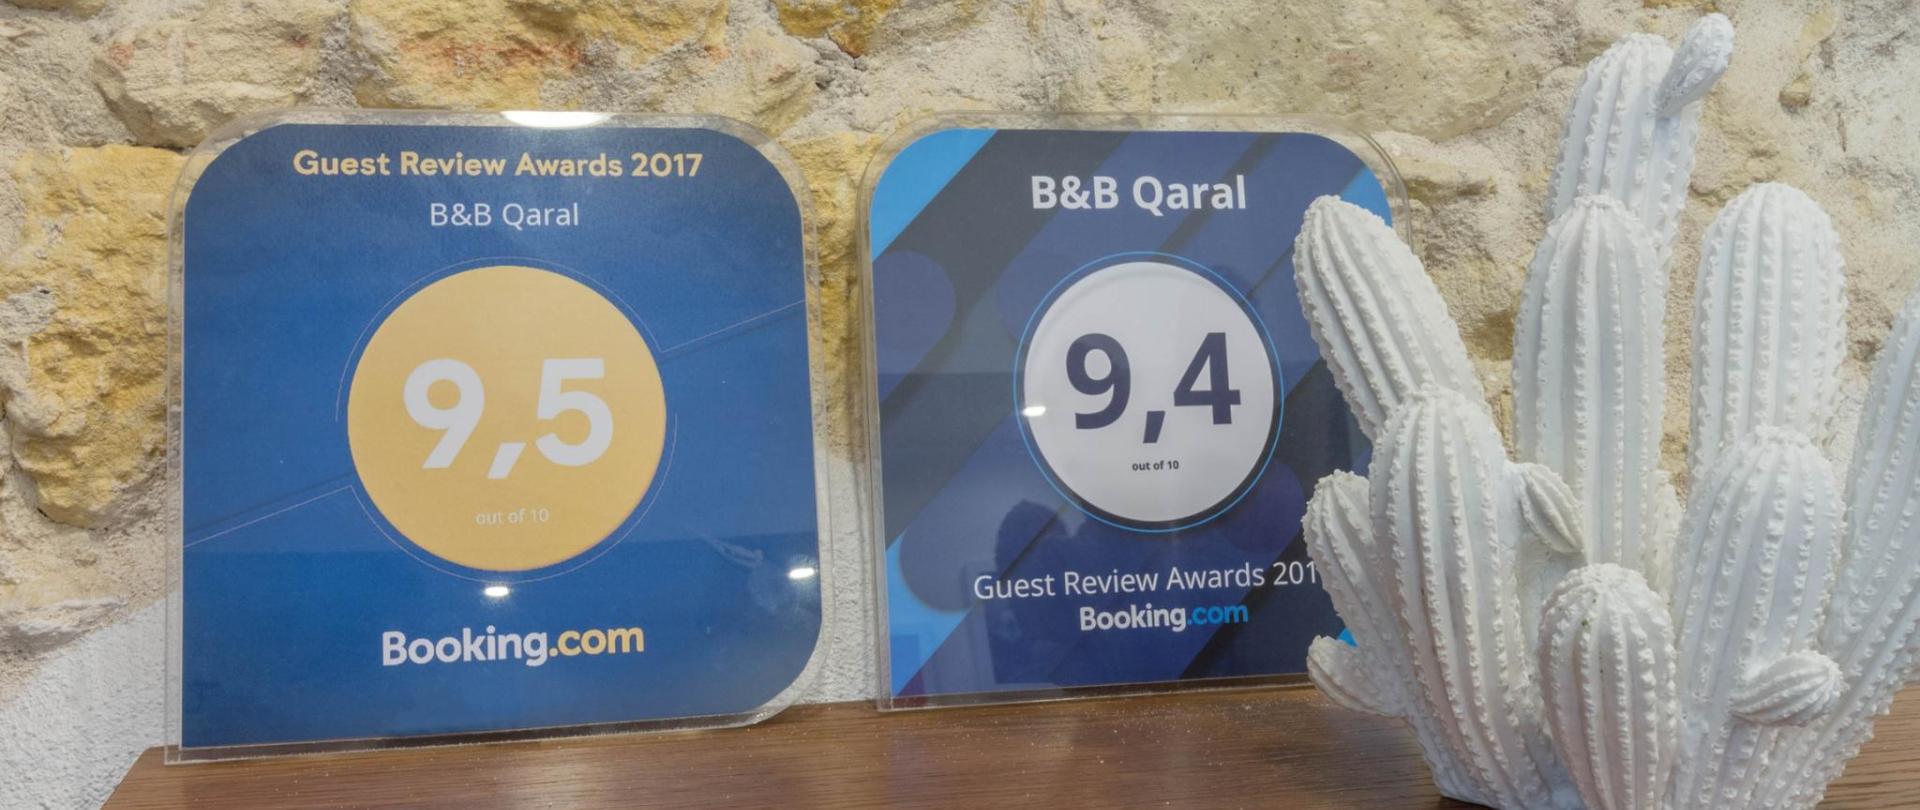 B&B Qaral